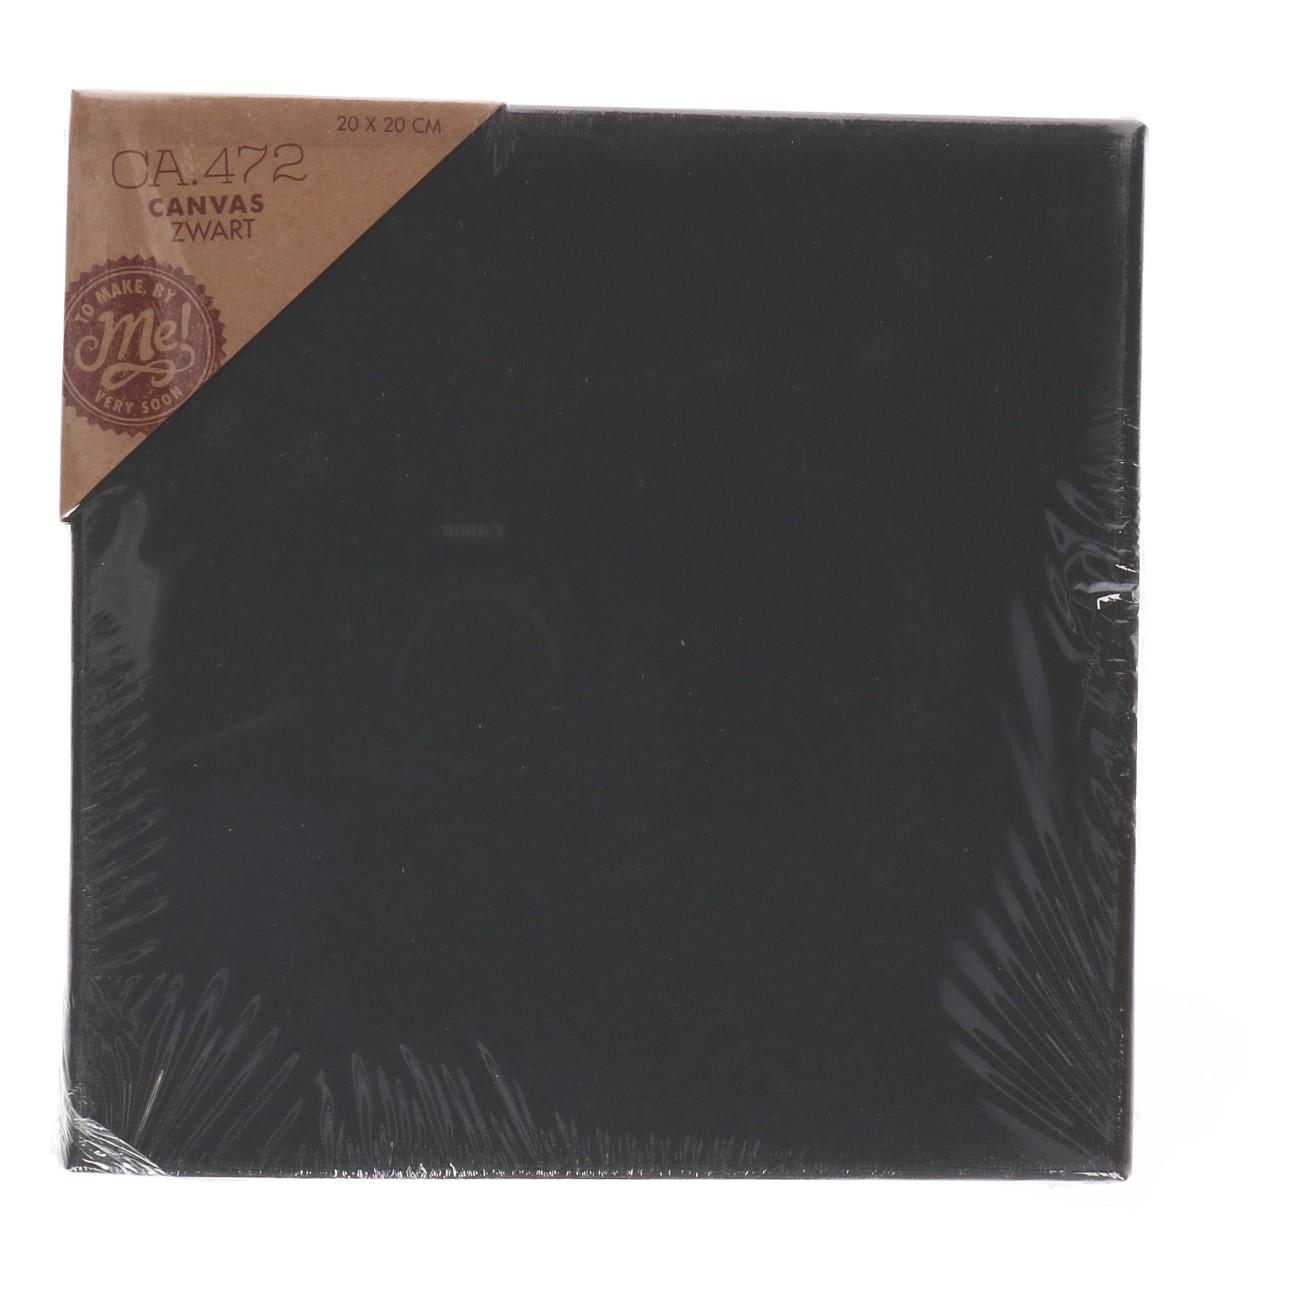 Canvas zwart 20x20 cm (CA.472)